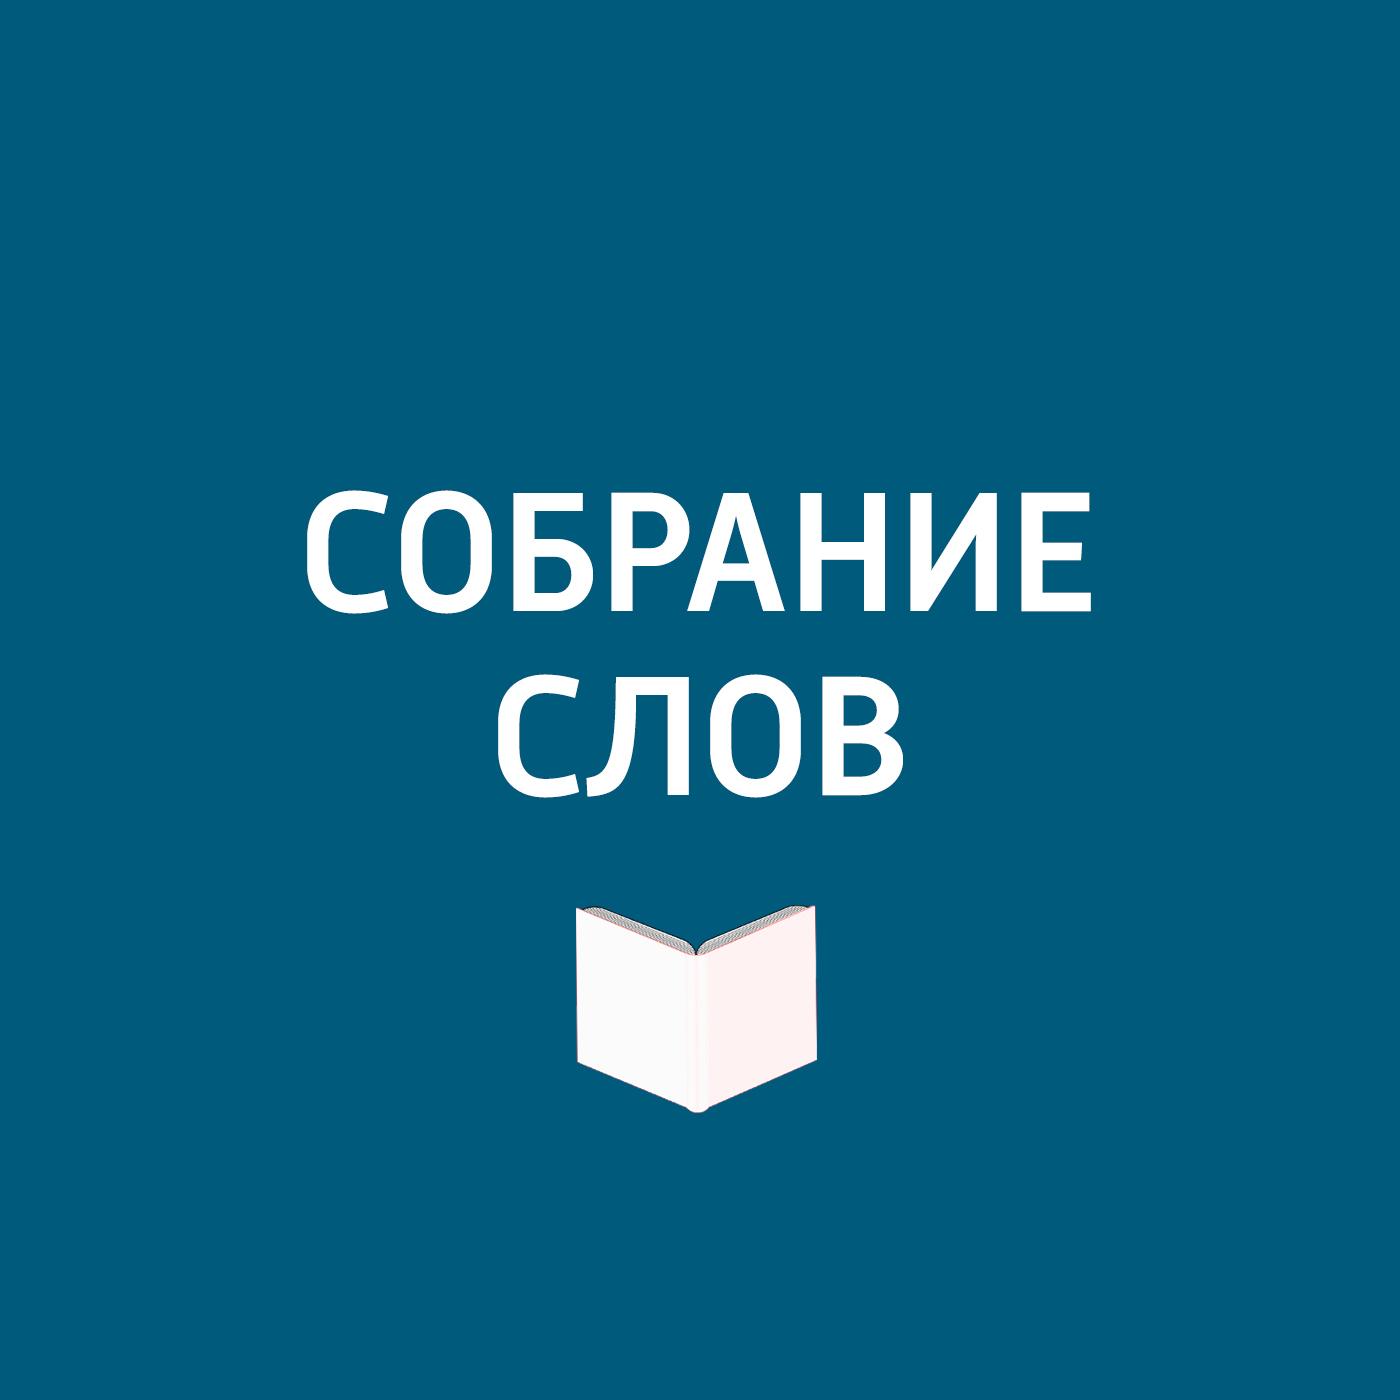 Творческий коллектив программы «Собрание слов» Алина Сапрыкина: о Музее Москвы татьяна сапрыкина мышонок и его имя